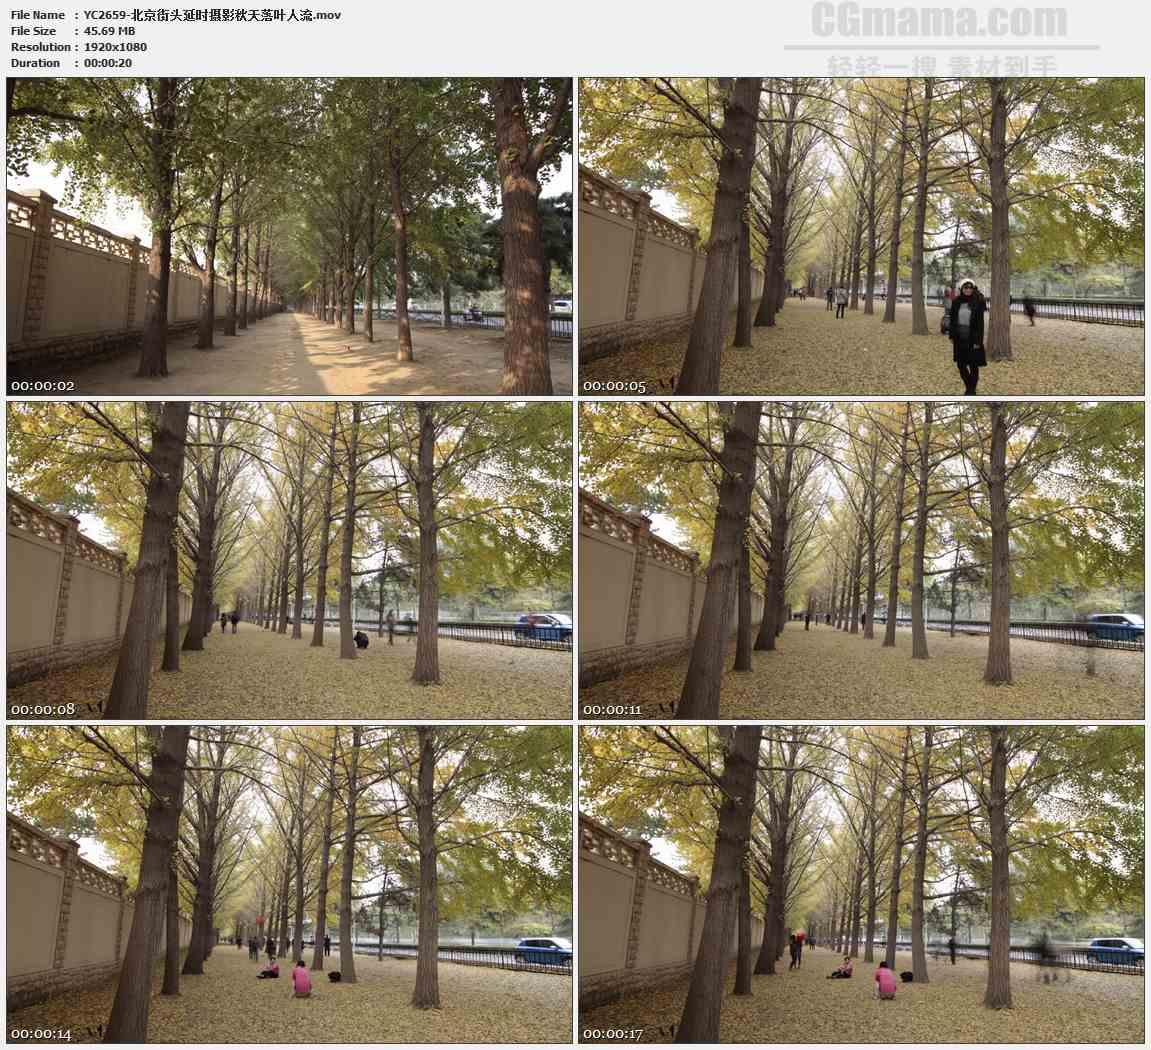 YC2659-北京街头延时摄影秋天落叶人流高清实拍视频素材